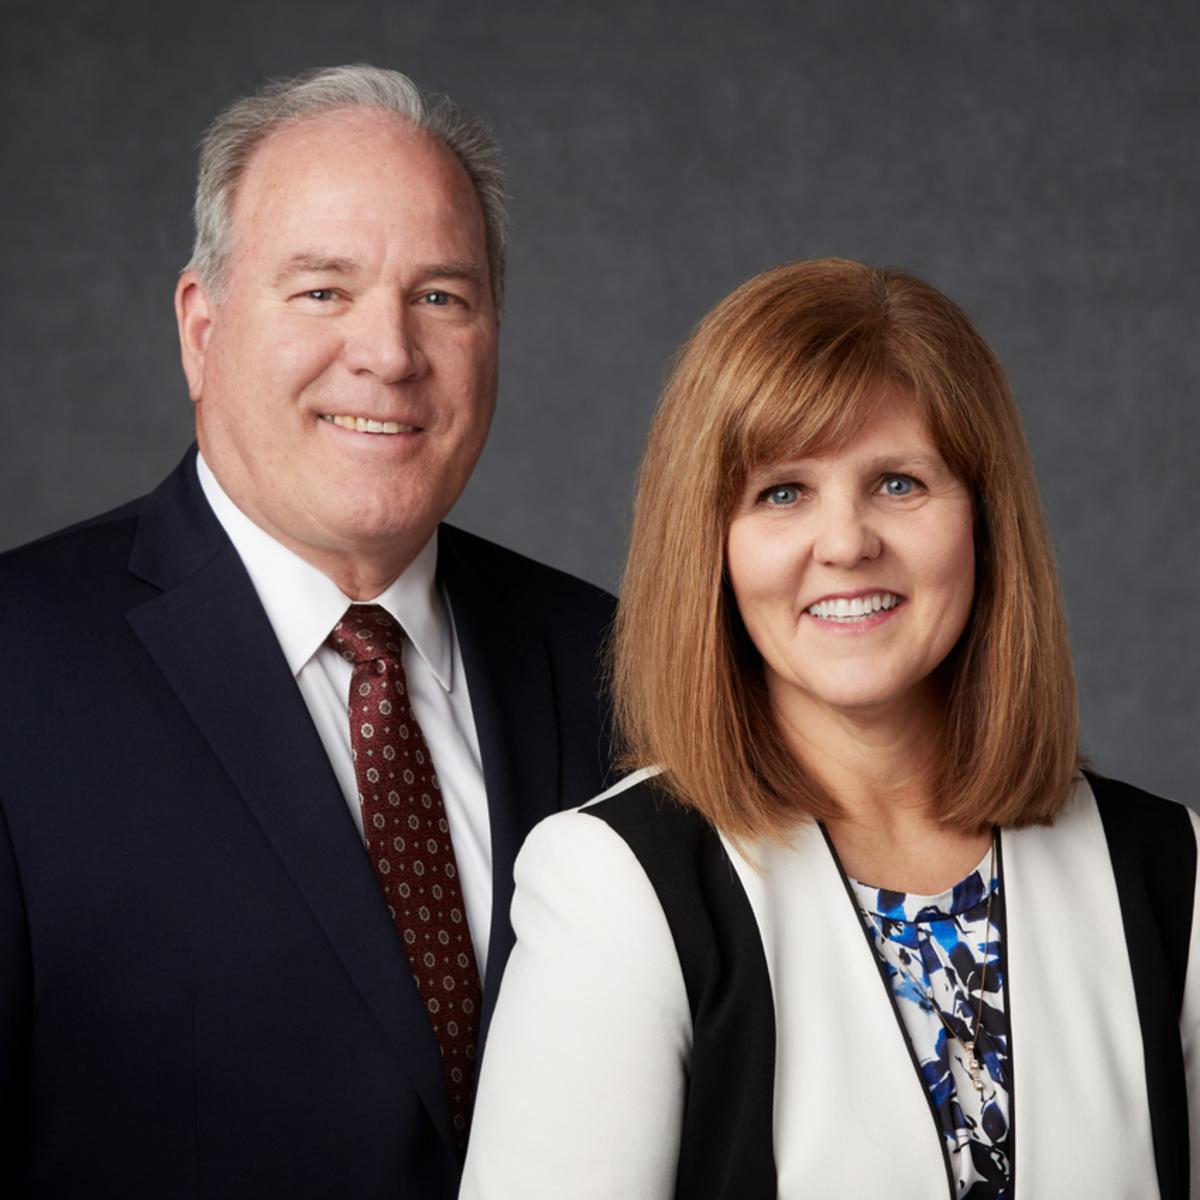 El Presidente Marsh y su esposa de la Misión Perú Arequipa